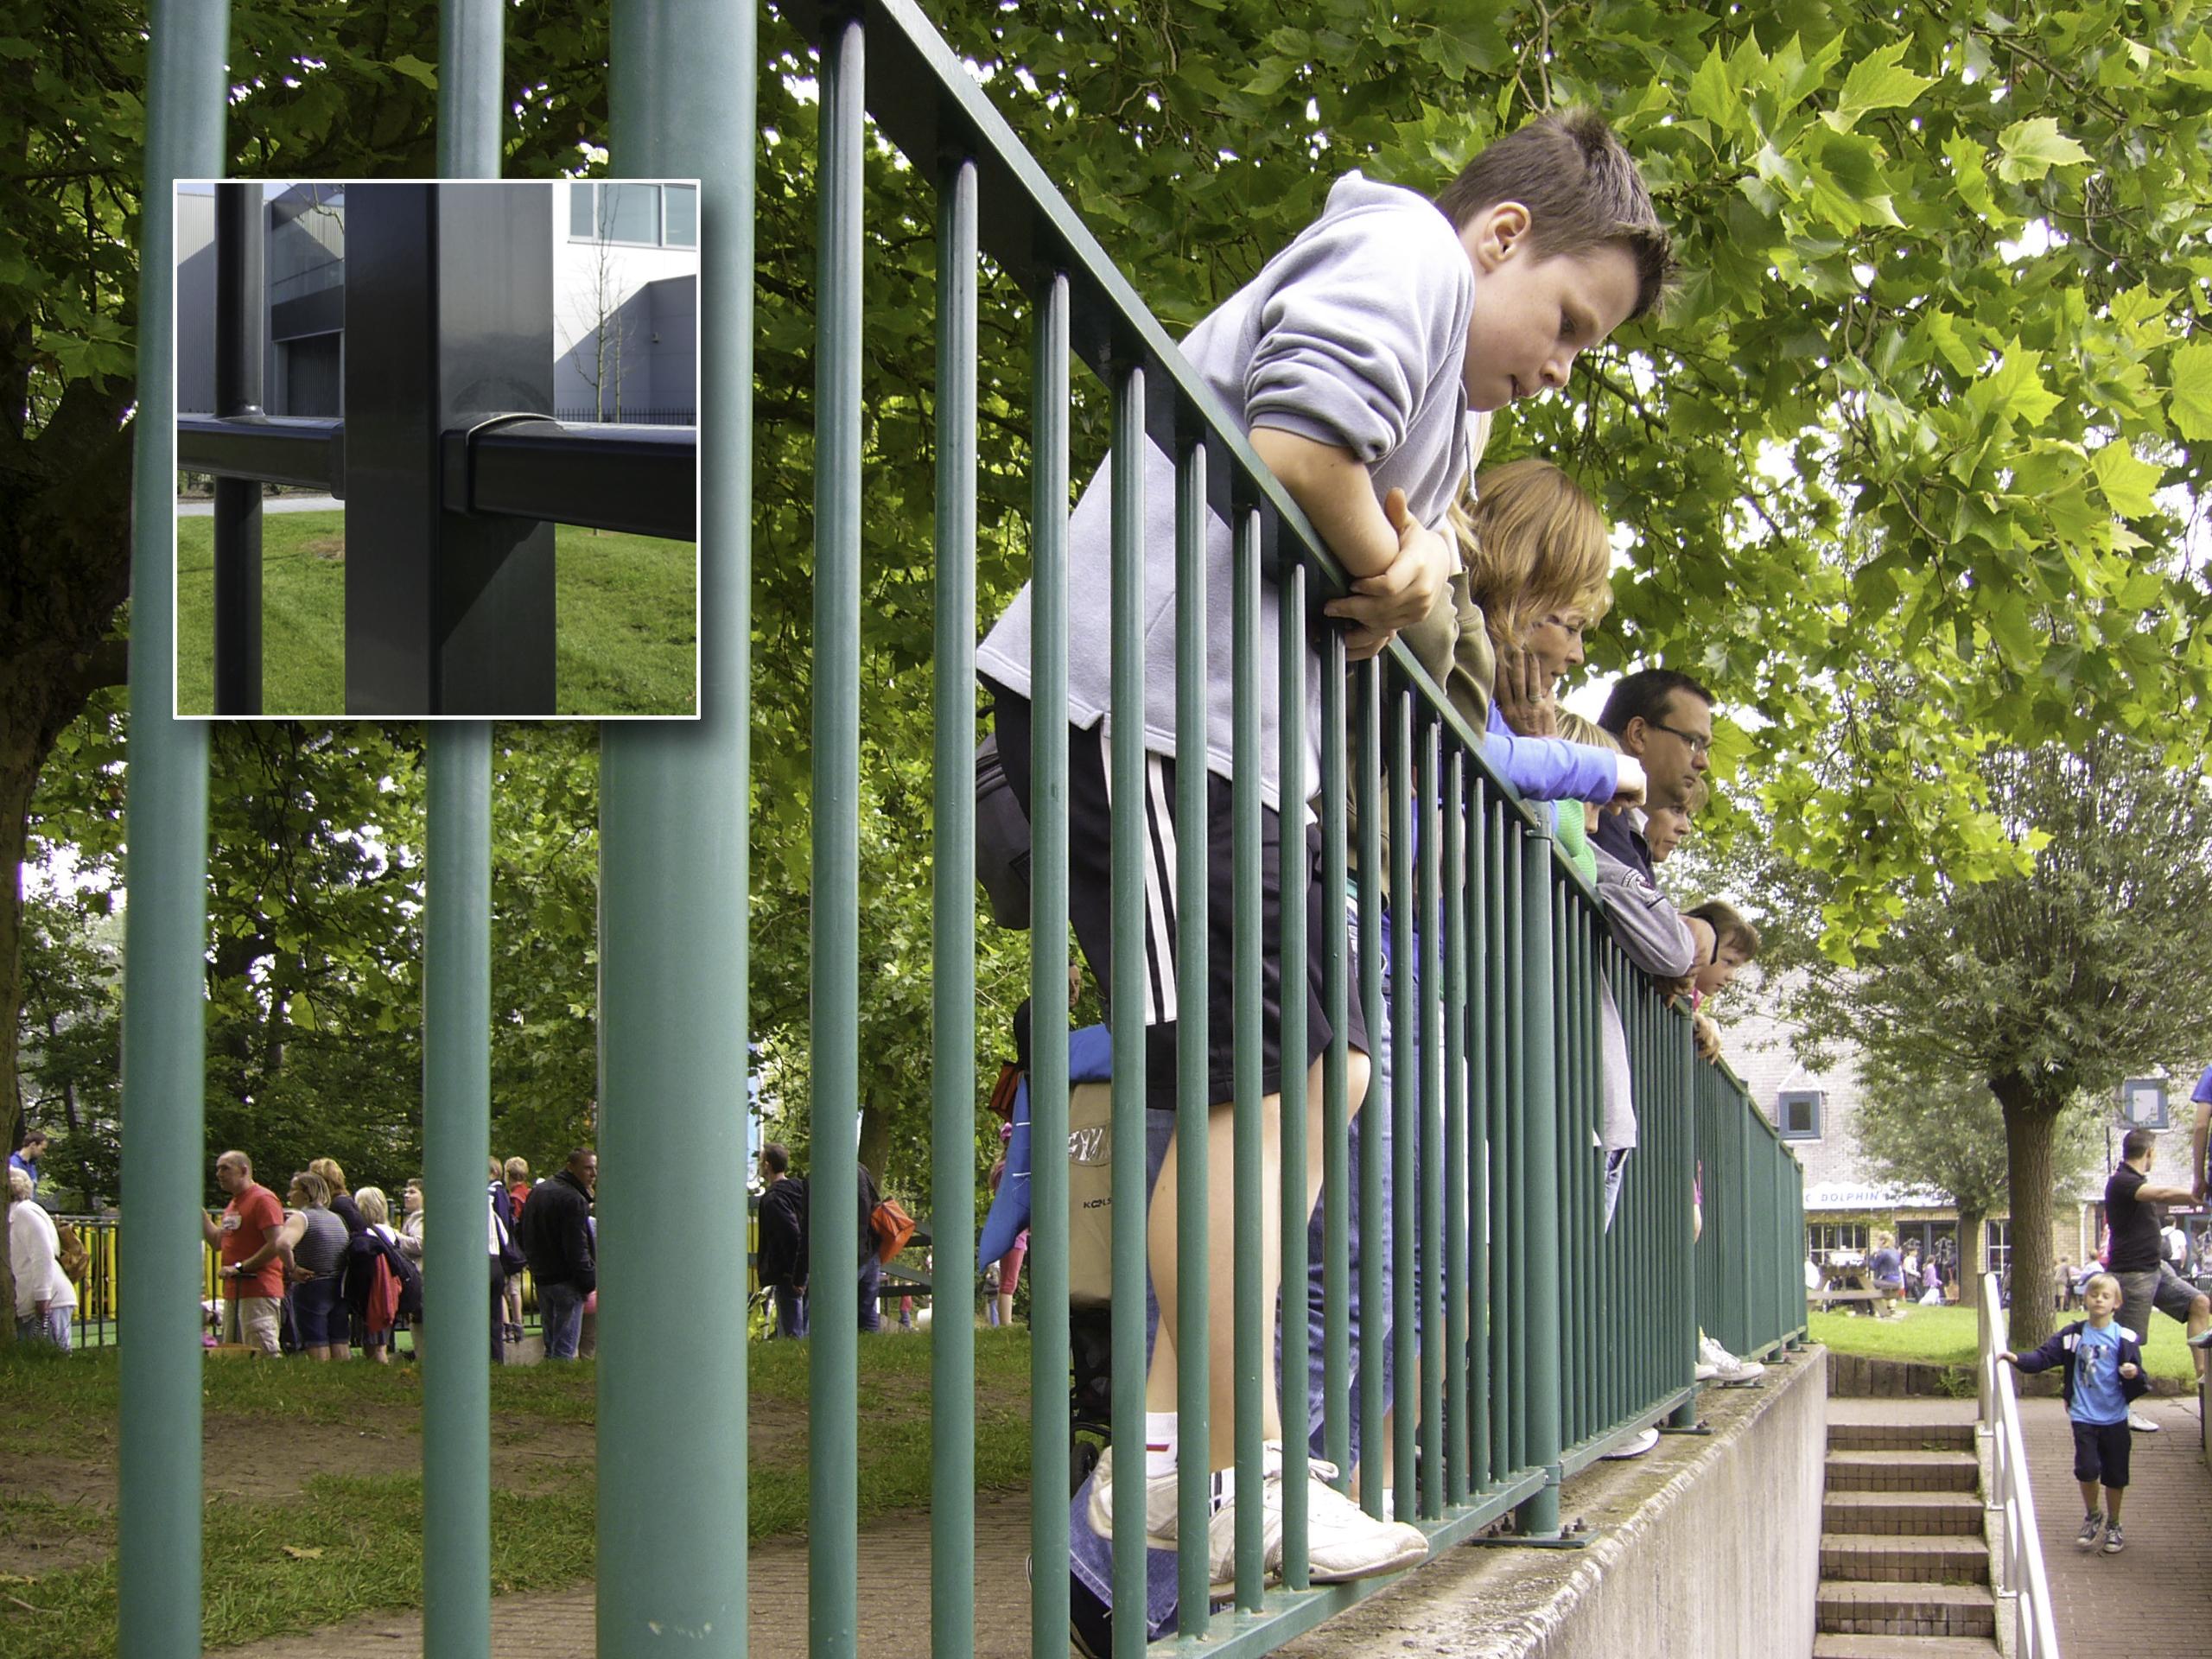 Gardia fences